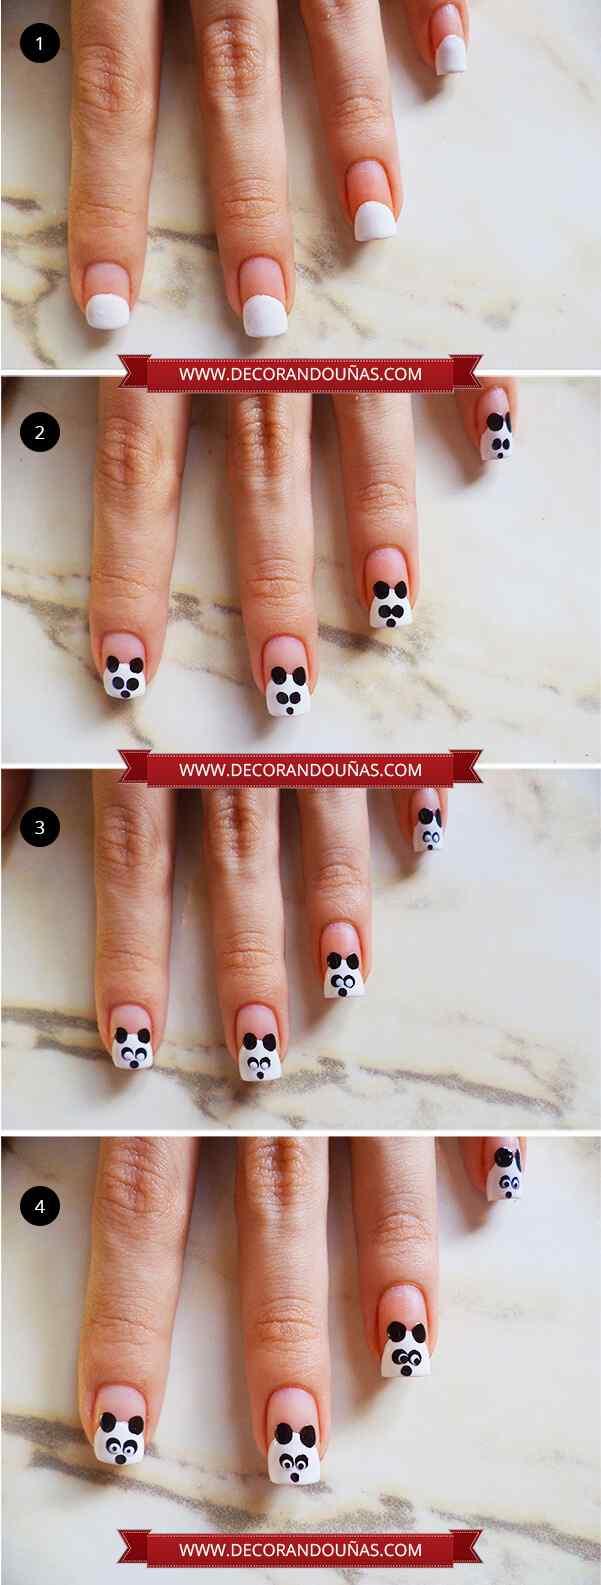 Unas-decoradas-con-panda